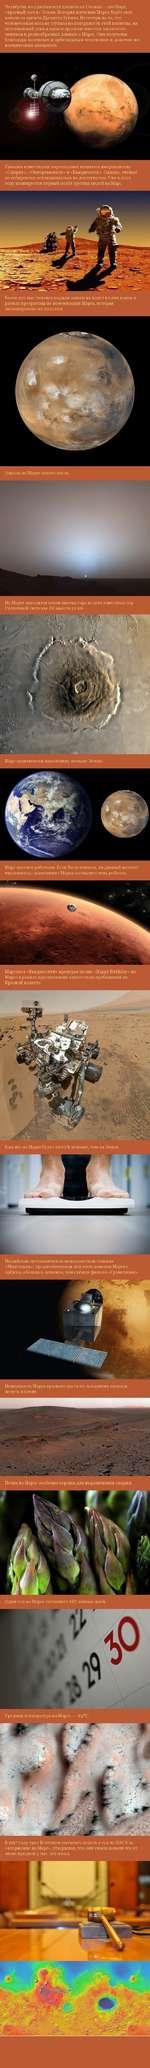 Четвёртая по удалённости планета от Солнца — это Марс, «красный сосед» Земли. История изучения Марса берёт своё начало со времён Древнего Египта. Несмотря на то, что человеческая нога не ступала на поверхность этой планеты, на сегодняшний день в нашем арсенале имеется множество снимков и разнообраз